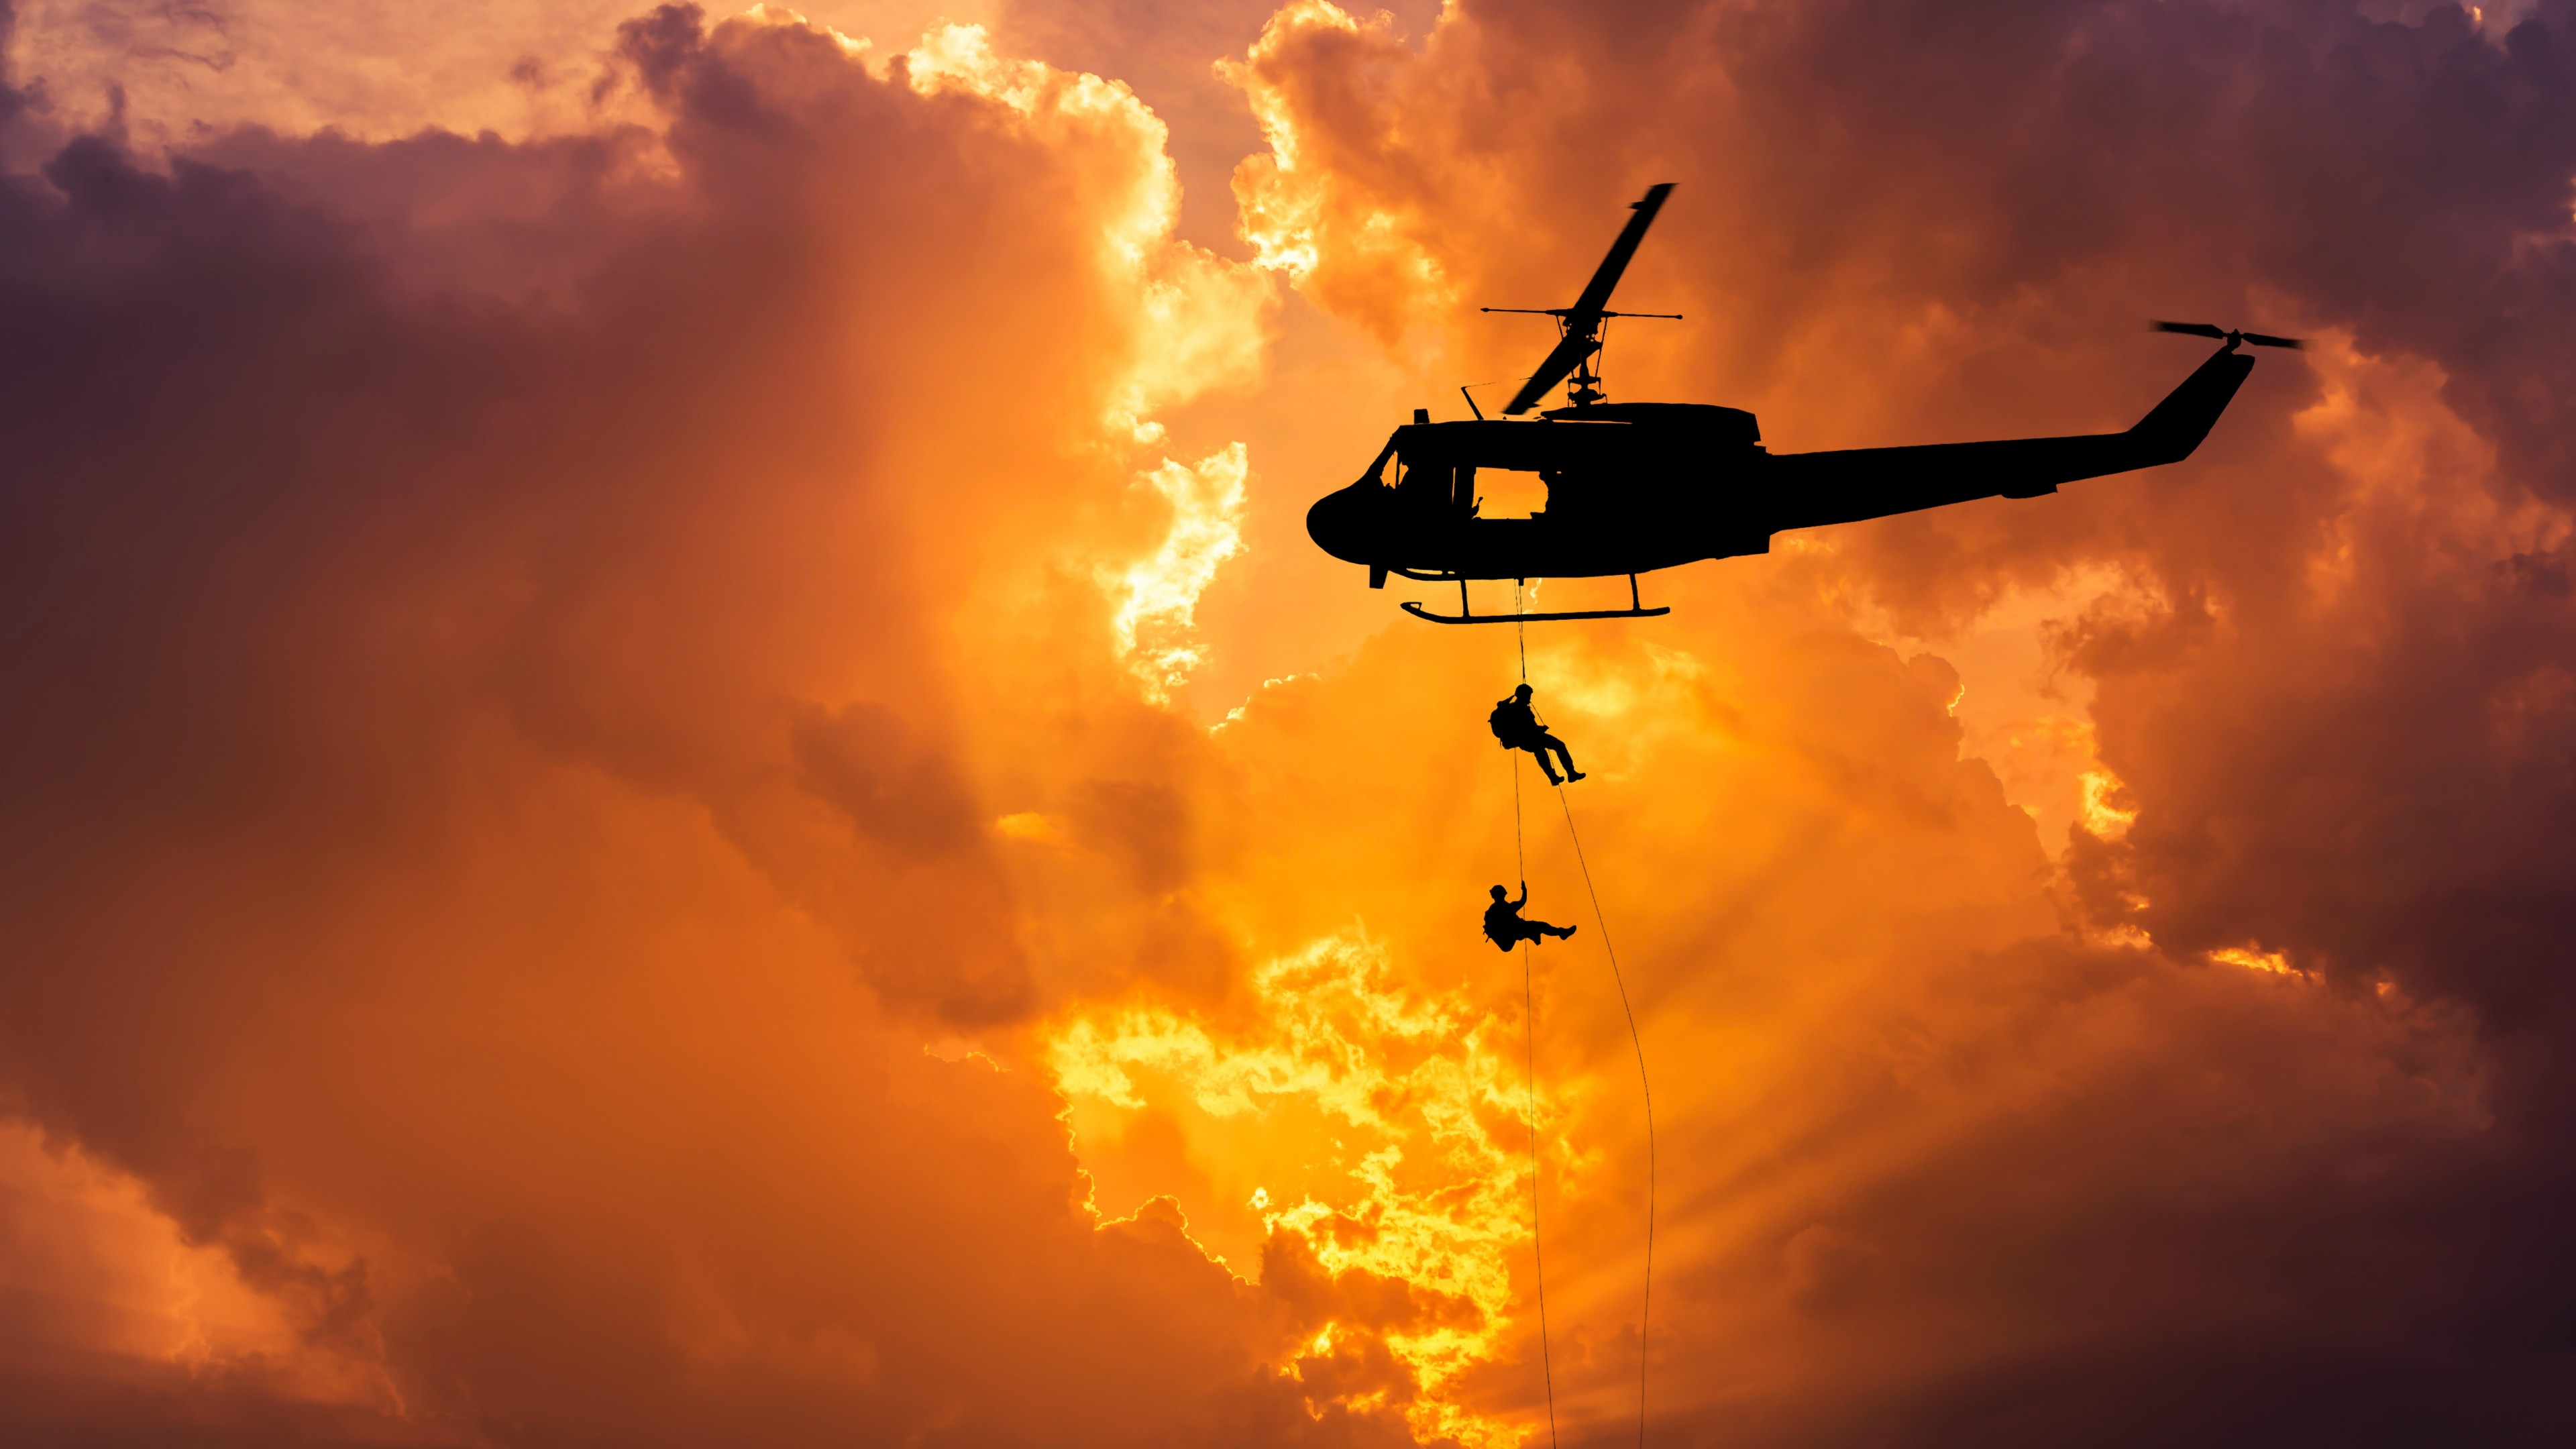 Вертолет в золотых солнечных облаках